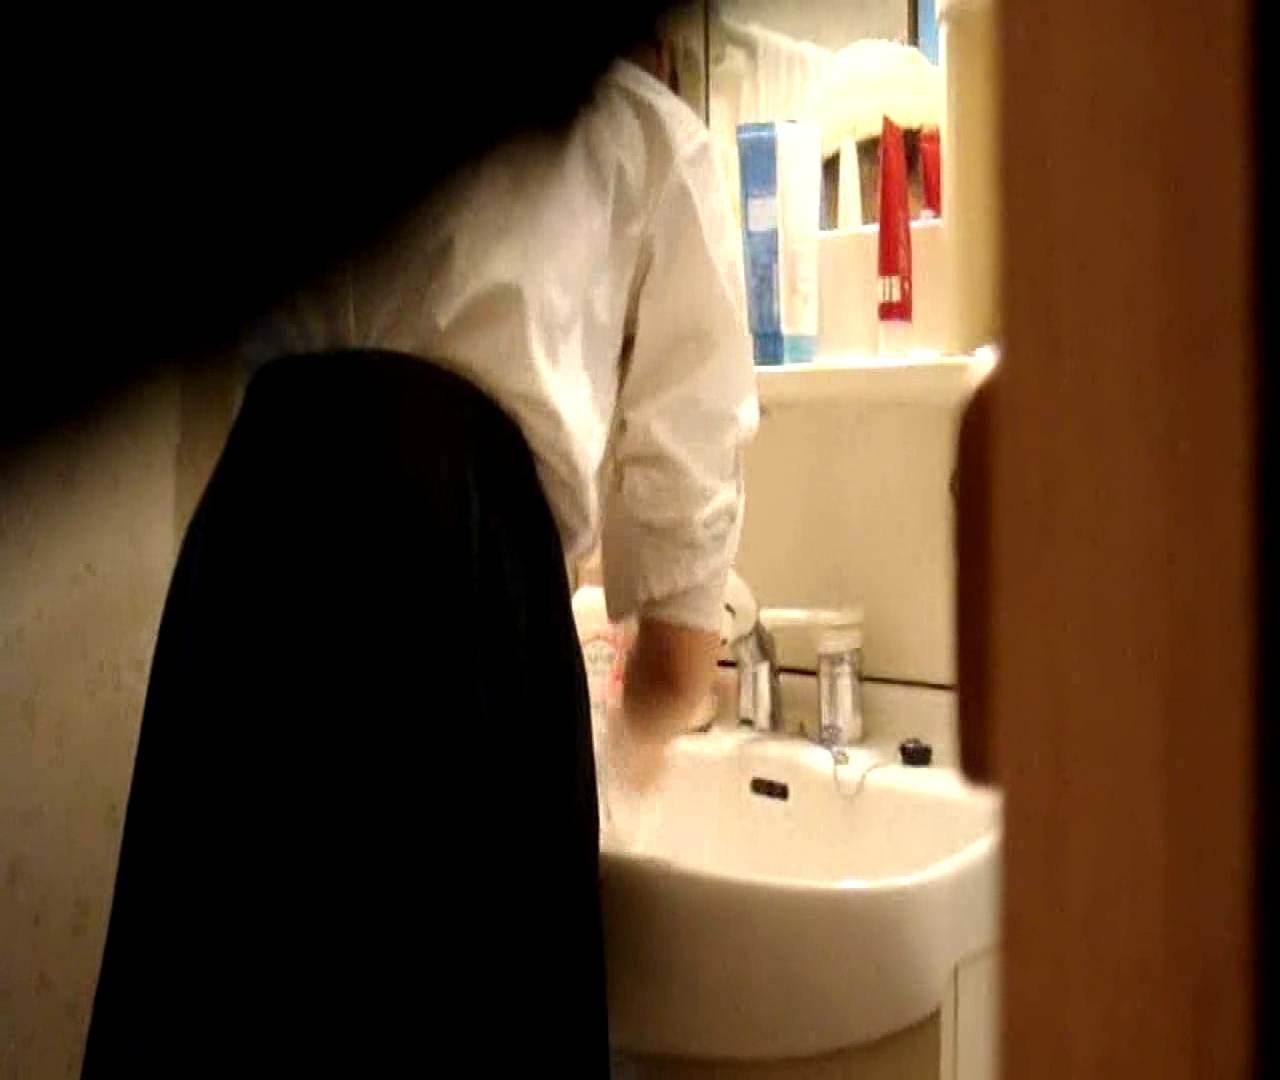 二人とも育てた甲斐がありました… vol.05 まどかが洗顔後にブラを洗濯 HなOL | 0  98pic 44